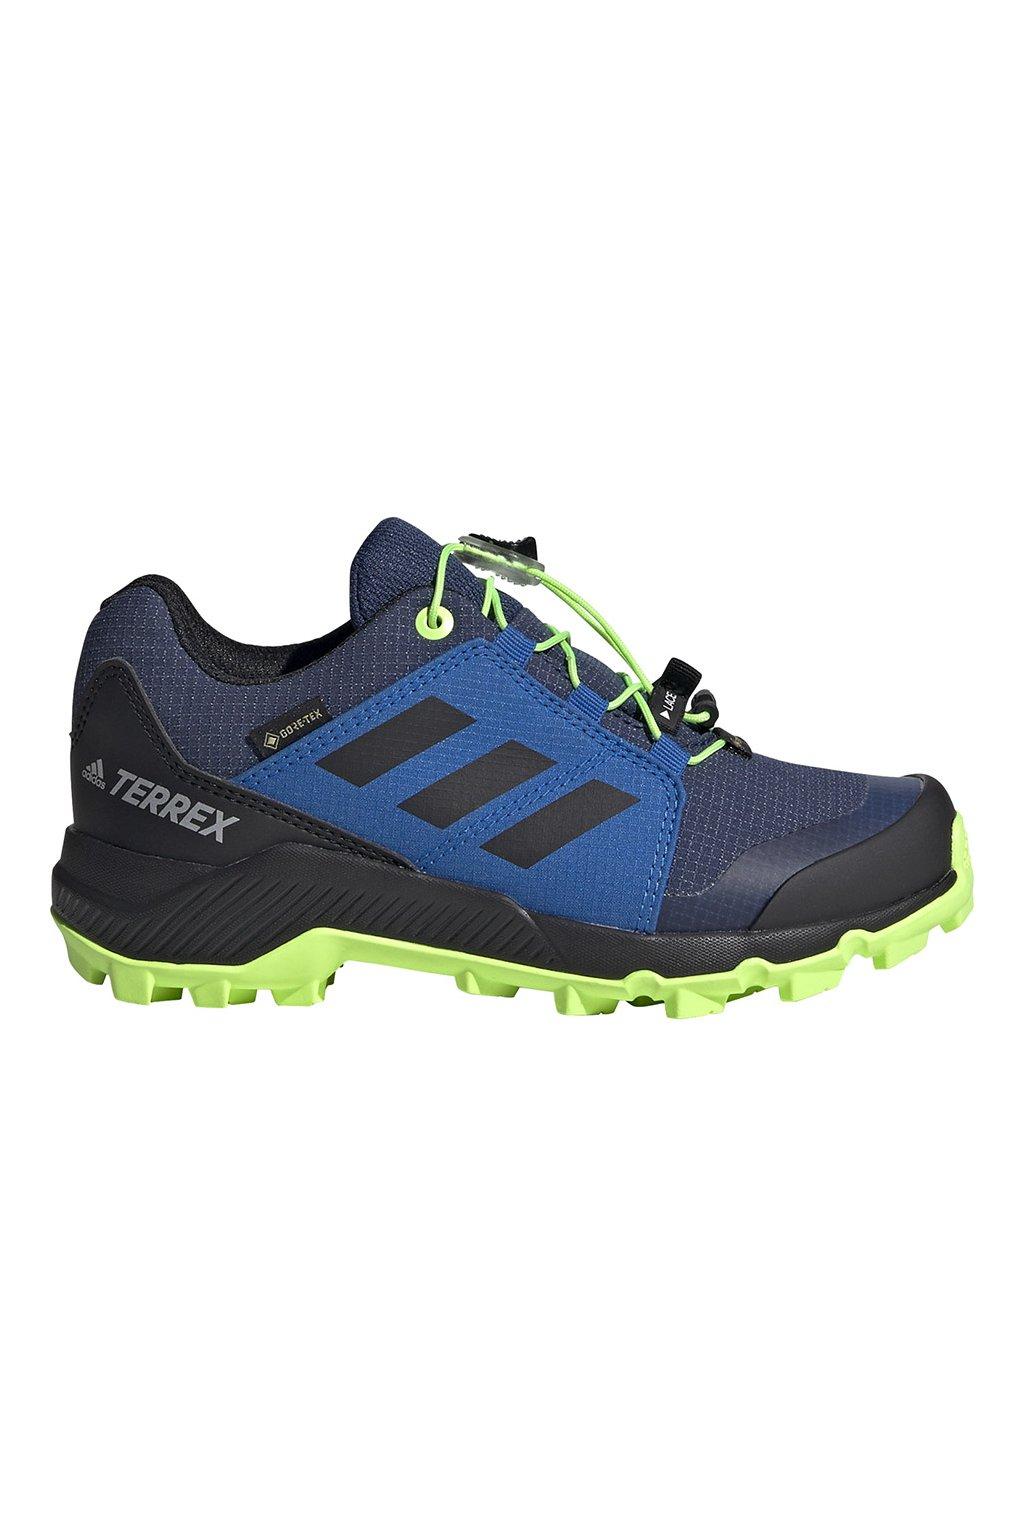 Buty dla dzieci adidas Terrex GTX K granatowo-niebieskie EF2231